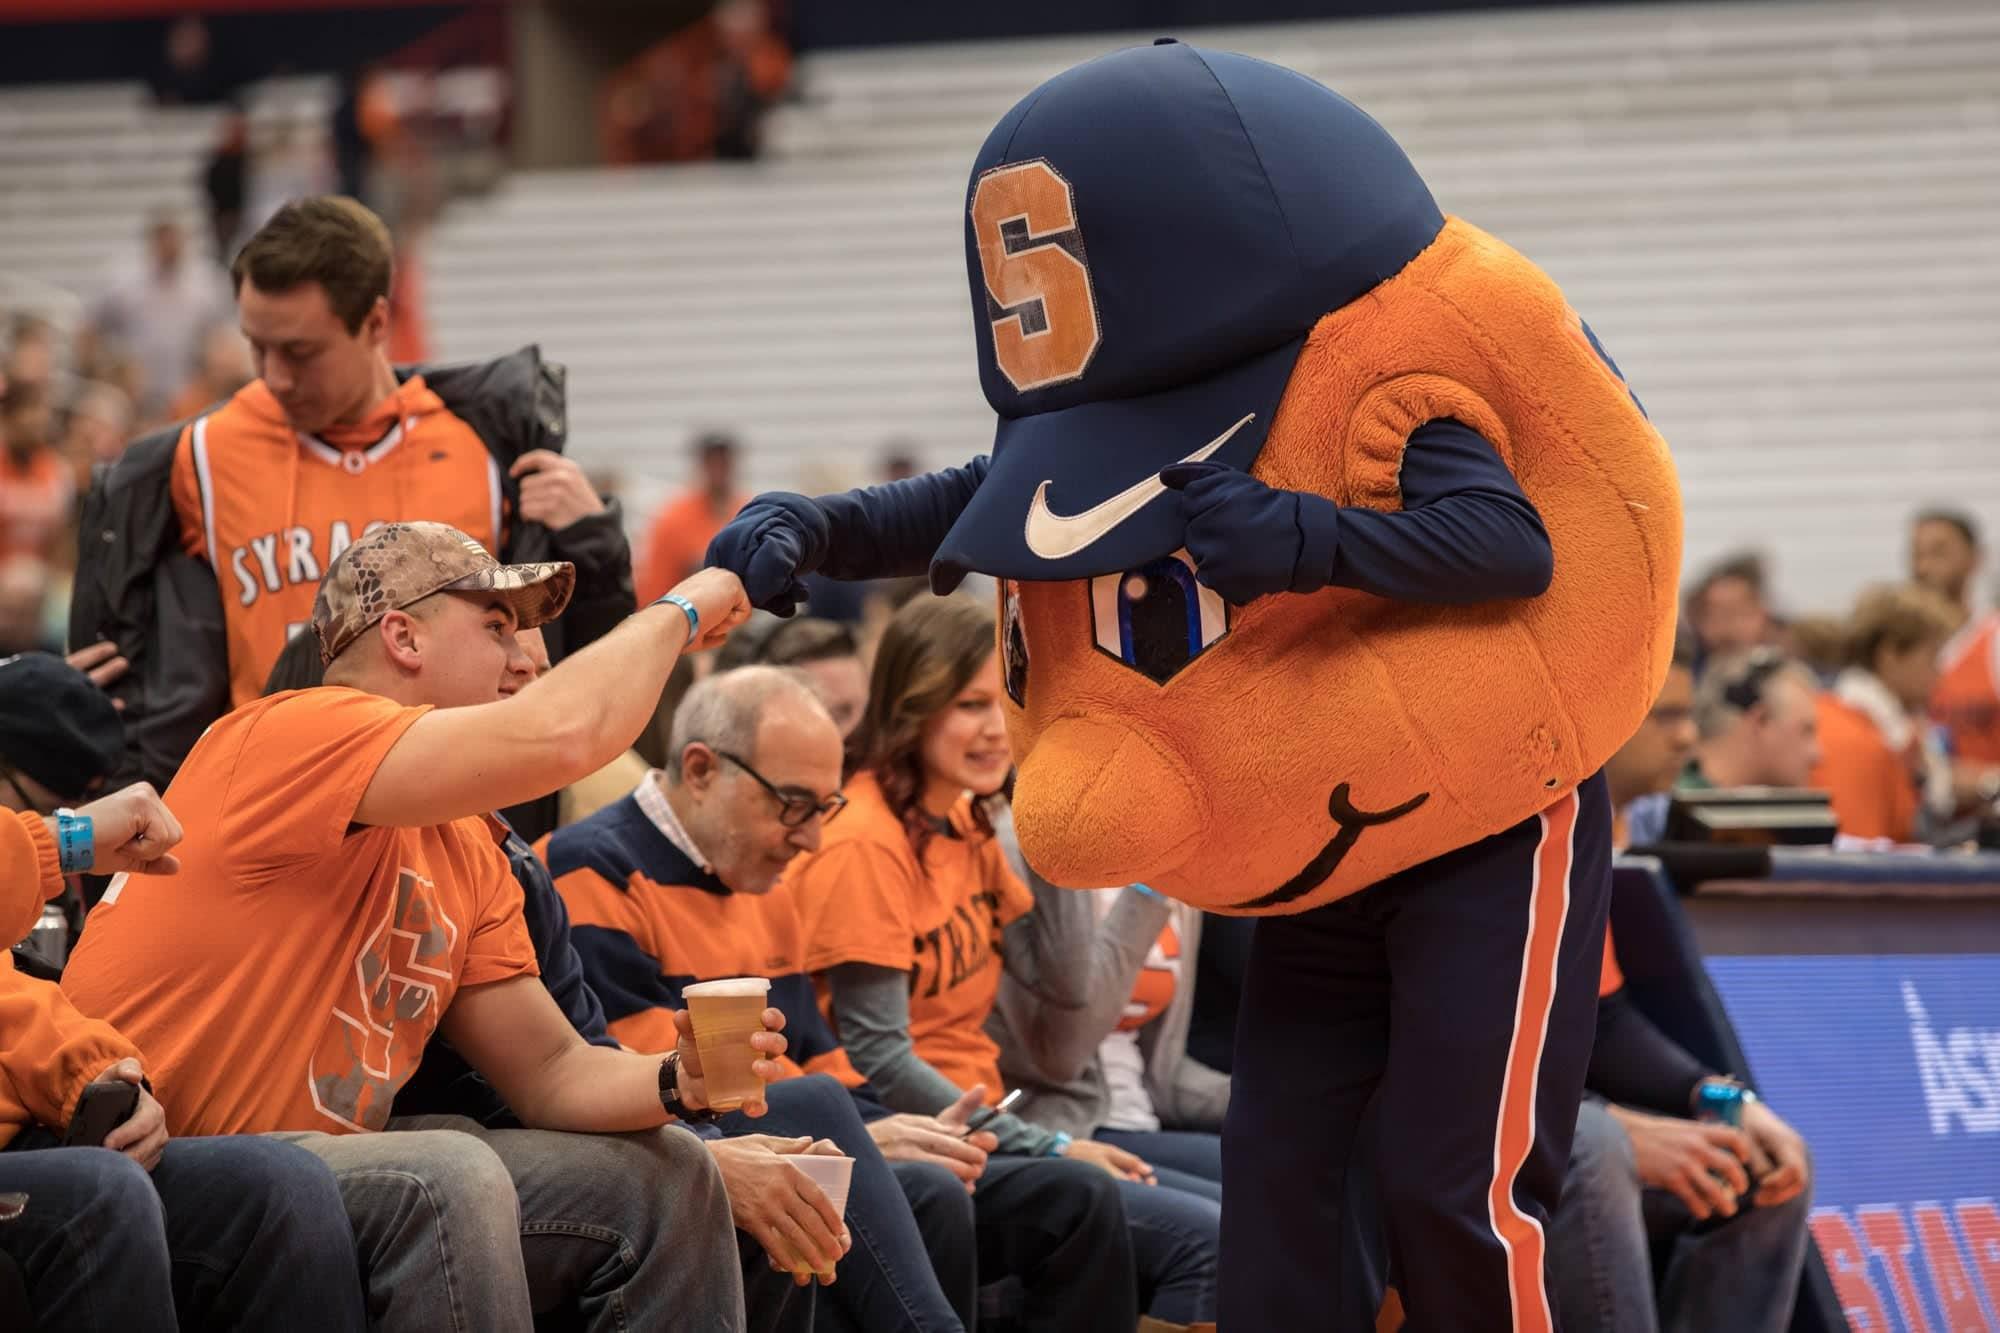 Otto the Orange fist bumps a fan